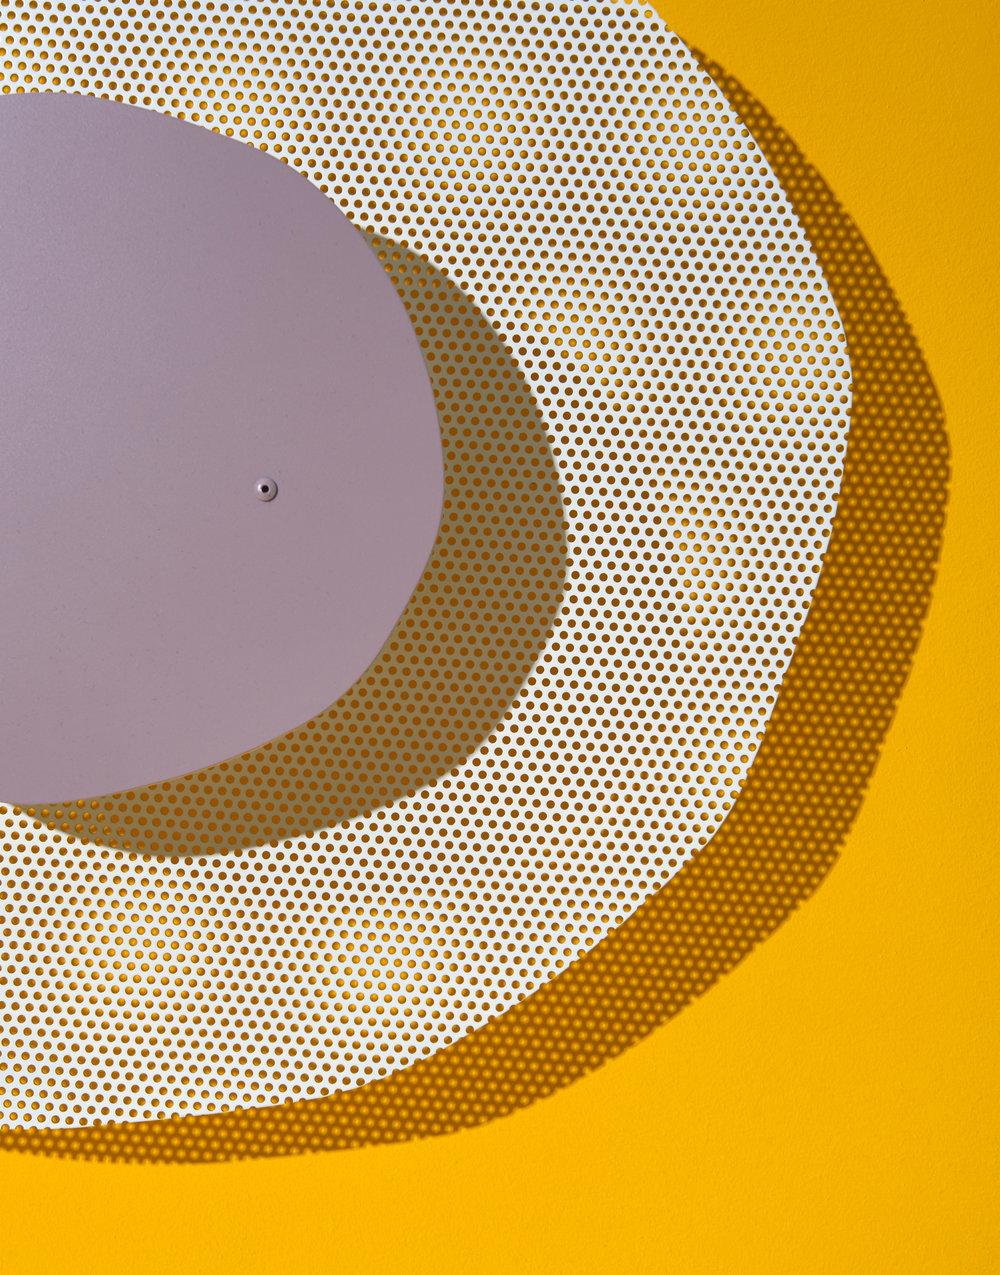 POPPY_Ceiling_Lamp_Frederik_Kurzweg_Design_Studio_01.jpg